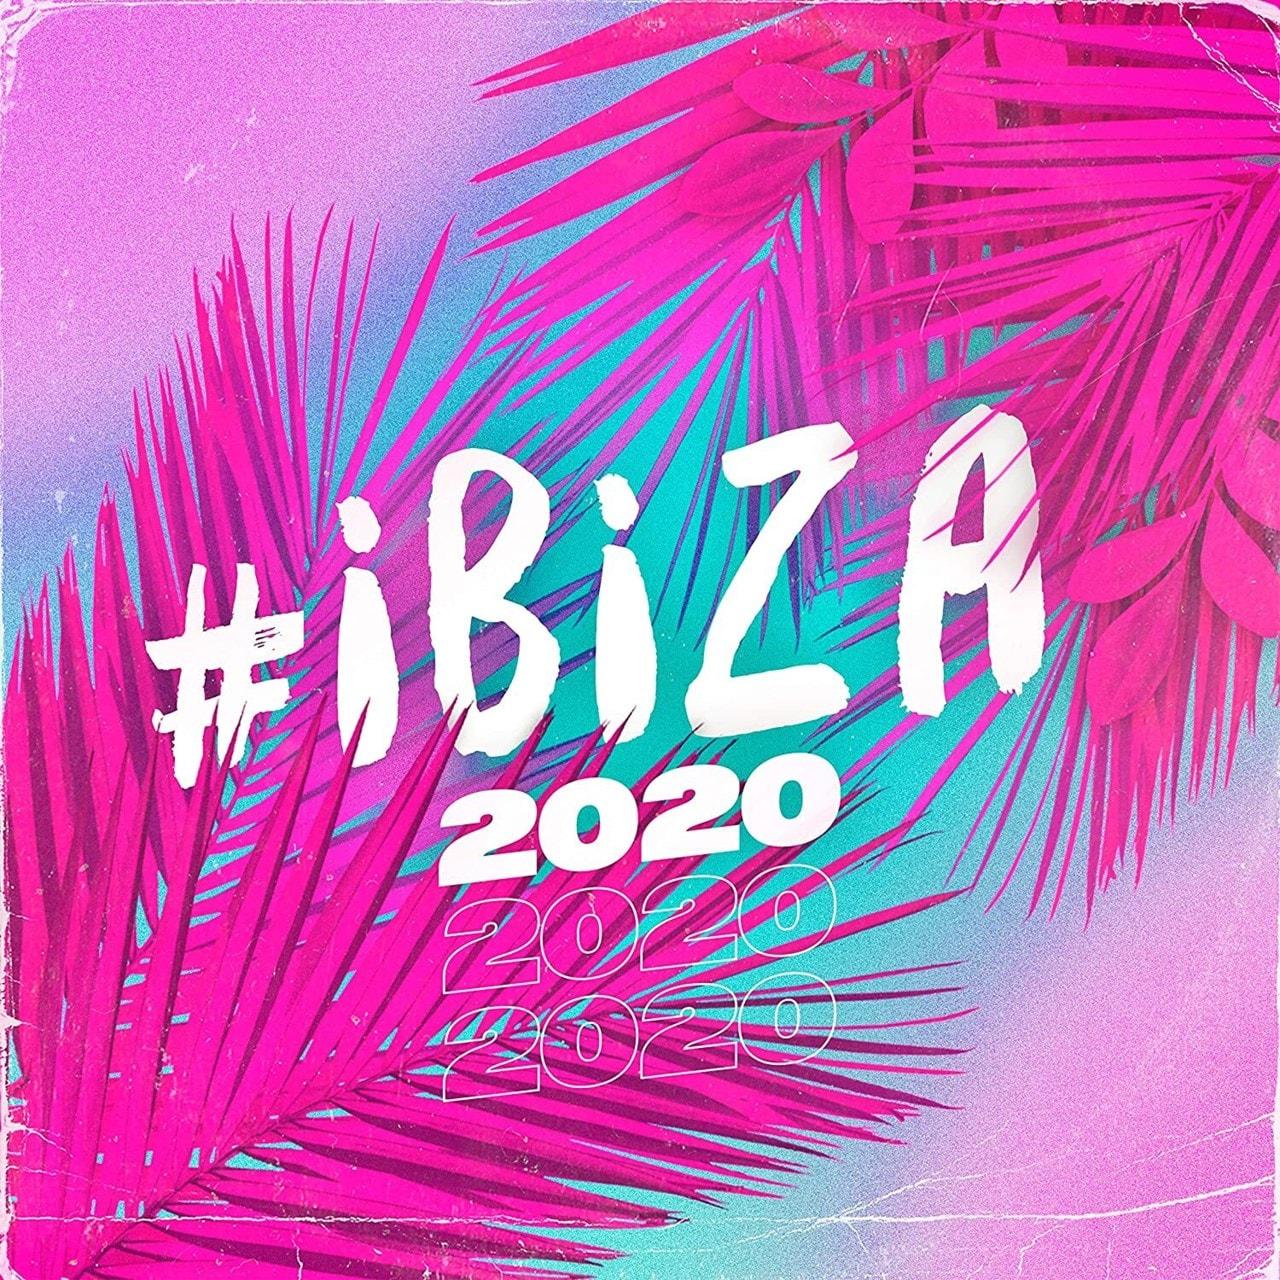 #Ibiza 2020 - 1